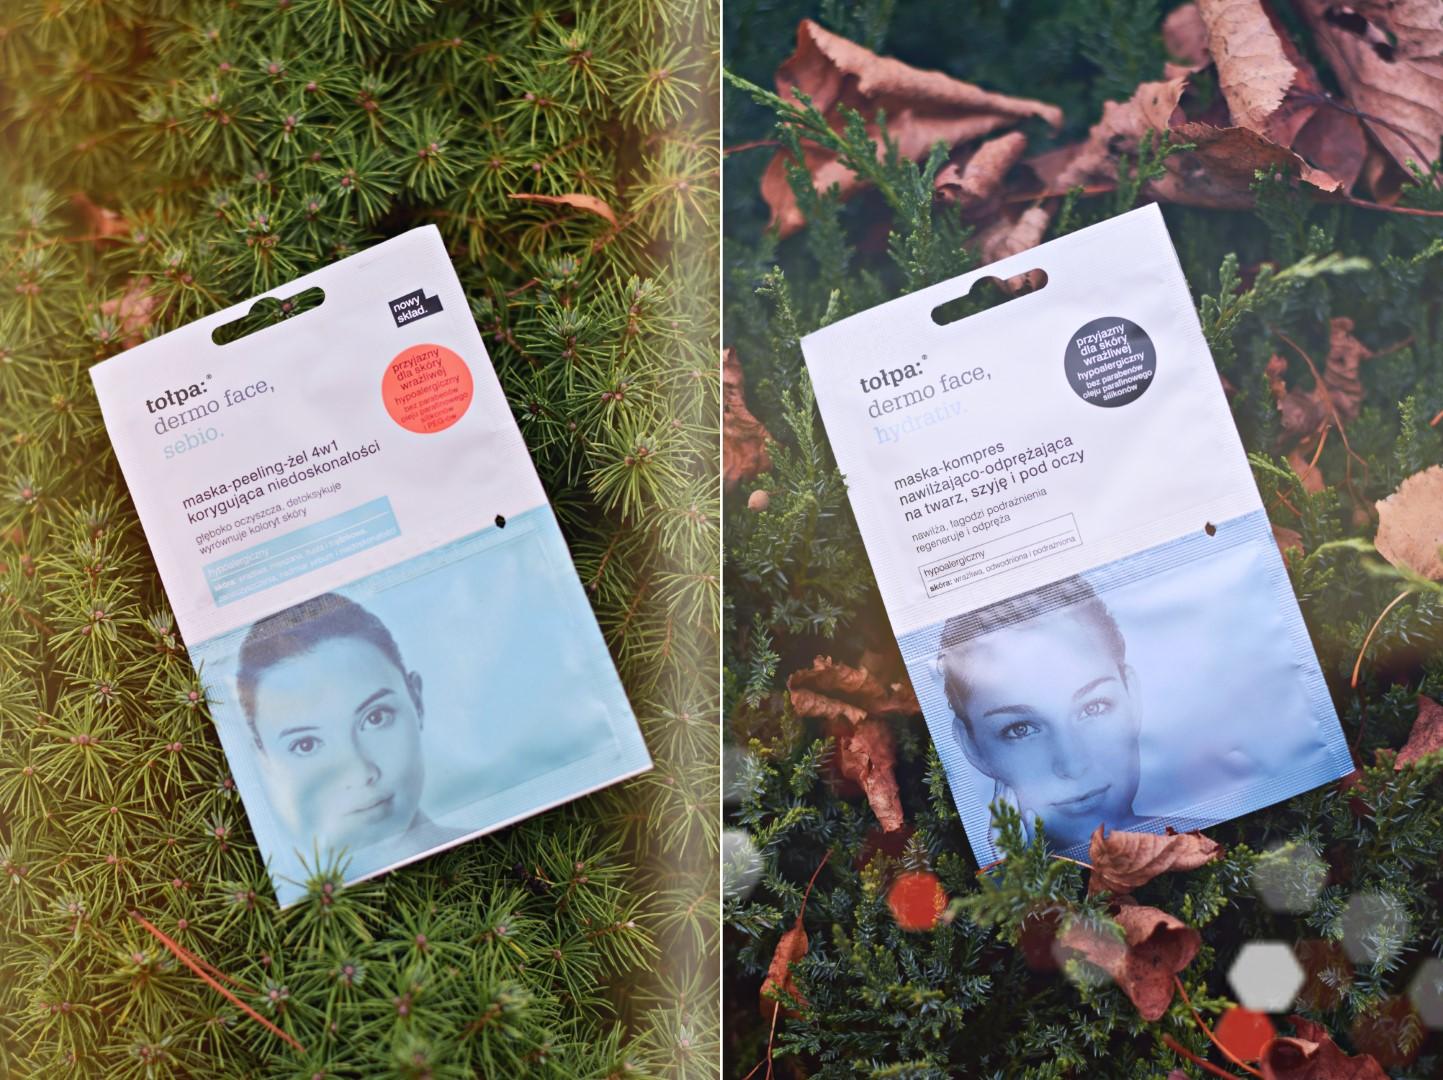 maska_4w1_korygująca_niedoskonałości_maska_kompres_tołpa_dermo_face_blog_test_opinia_recenzja_efekty